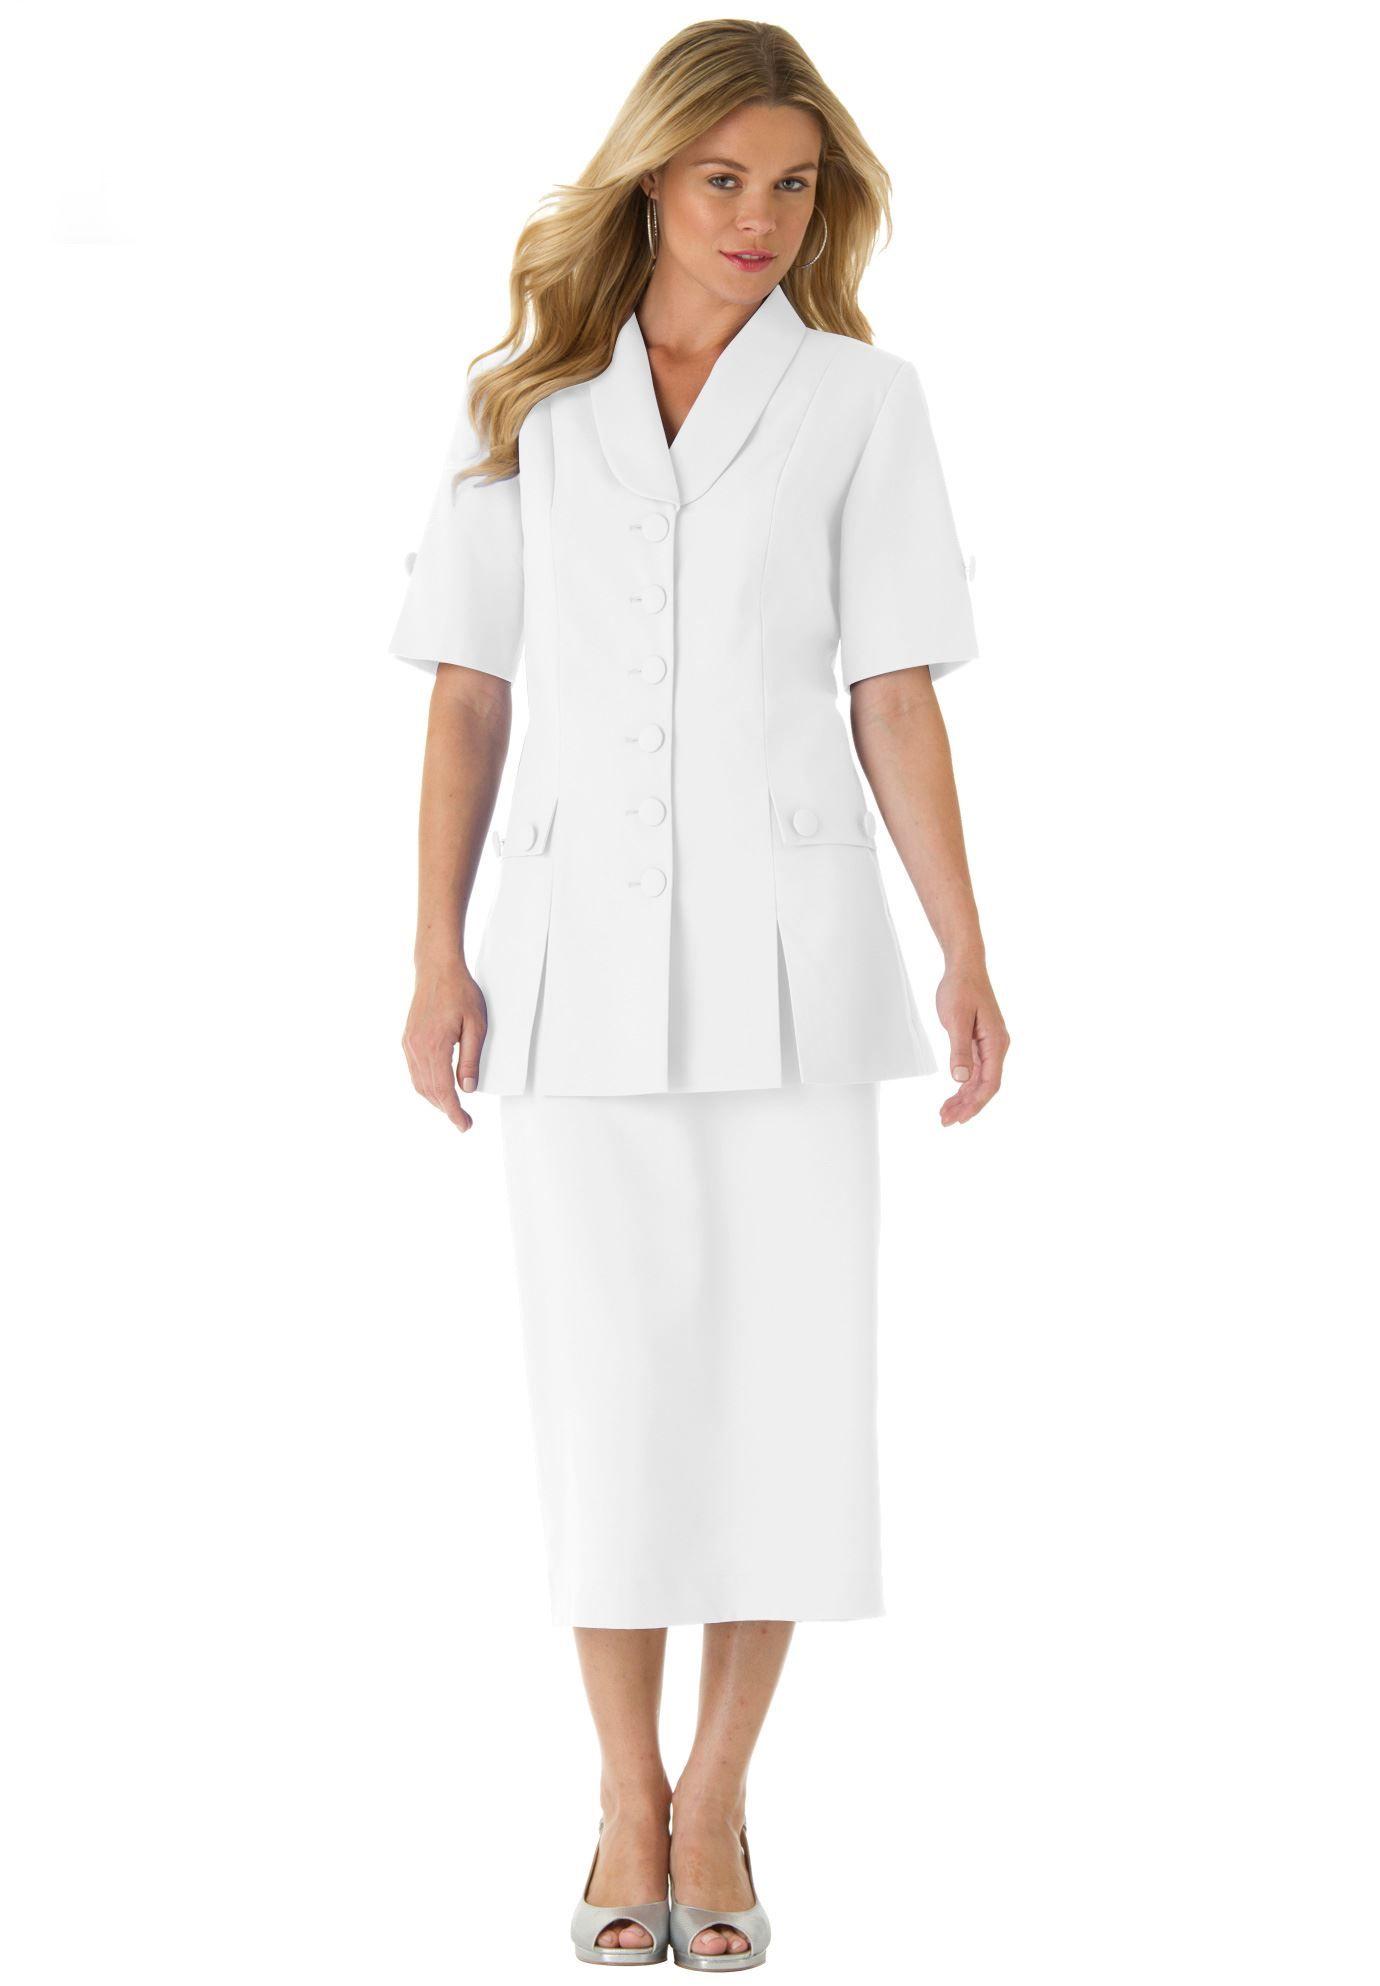 10-Button Skirt Suit | Plus Size Dresses and Suits | Roamans ...